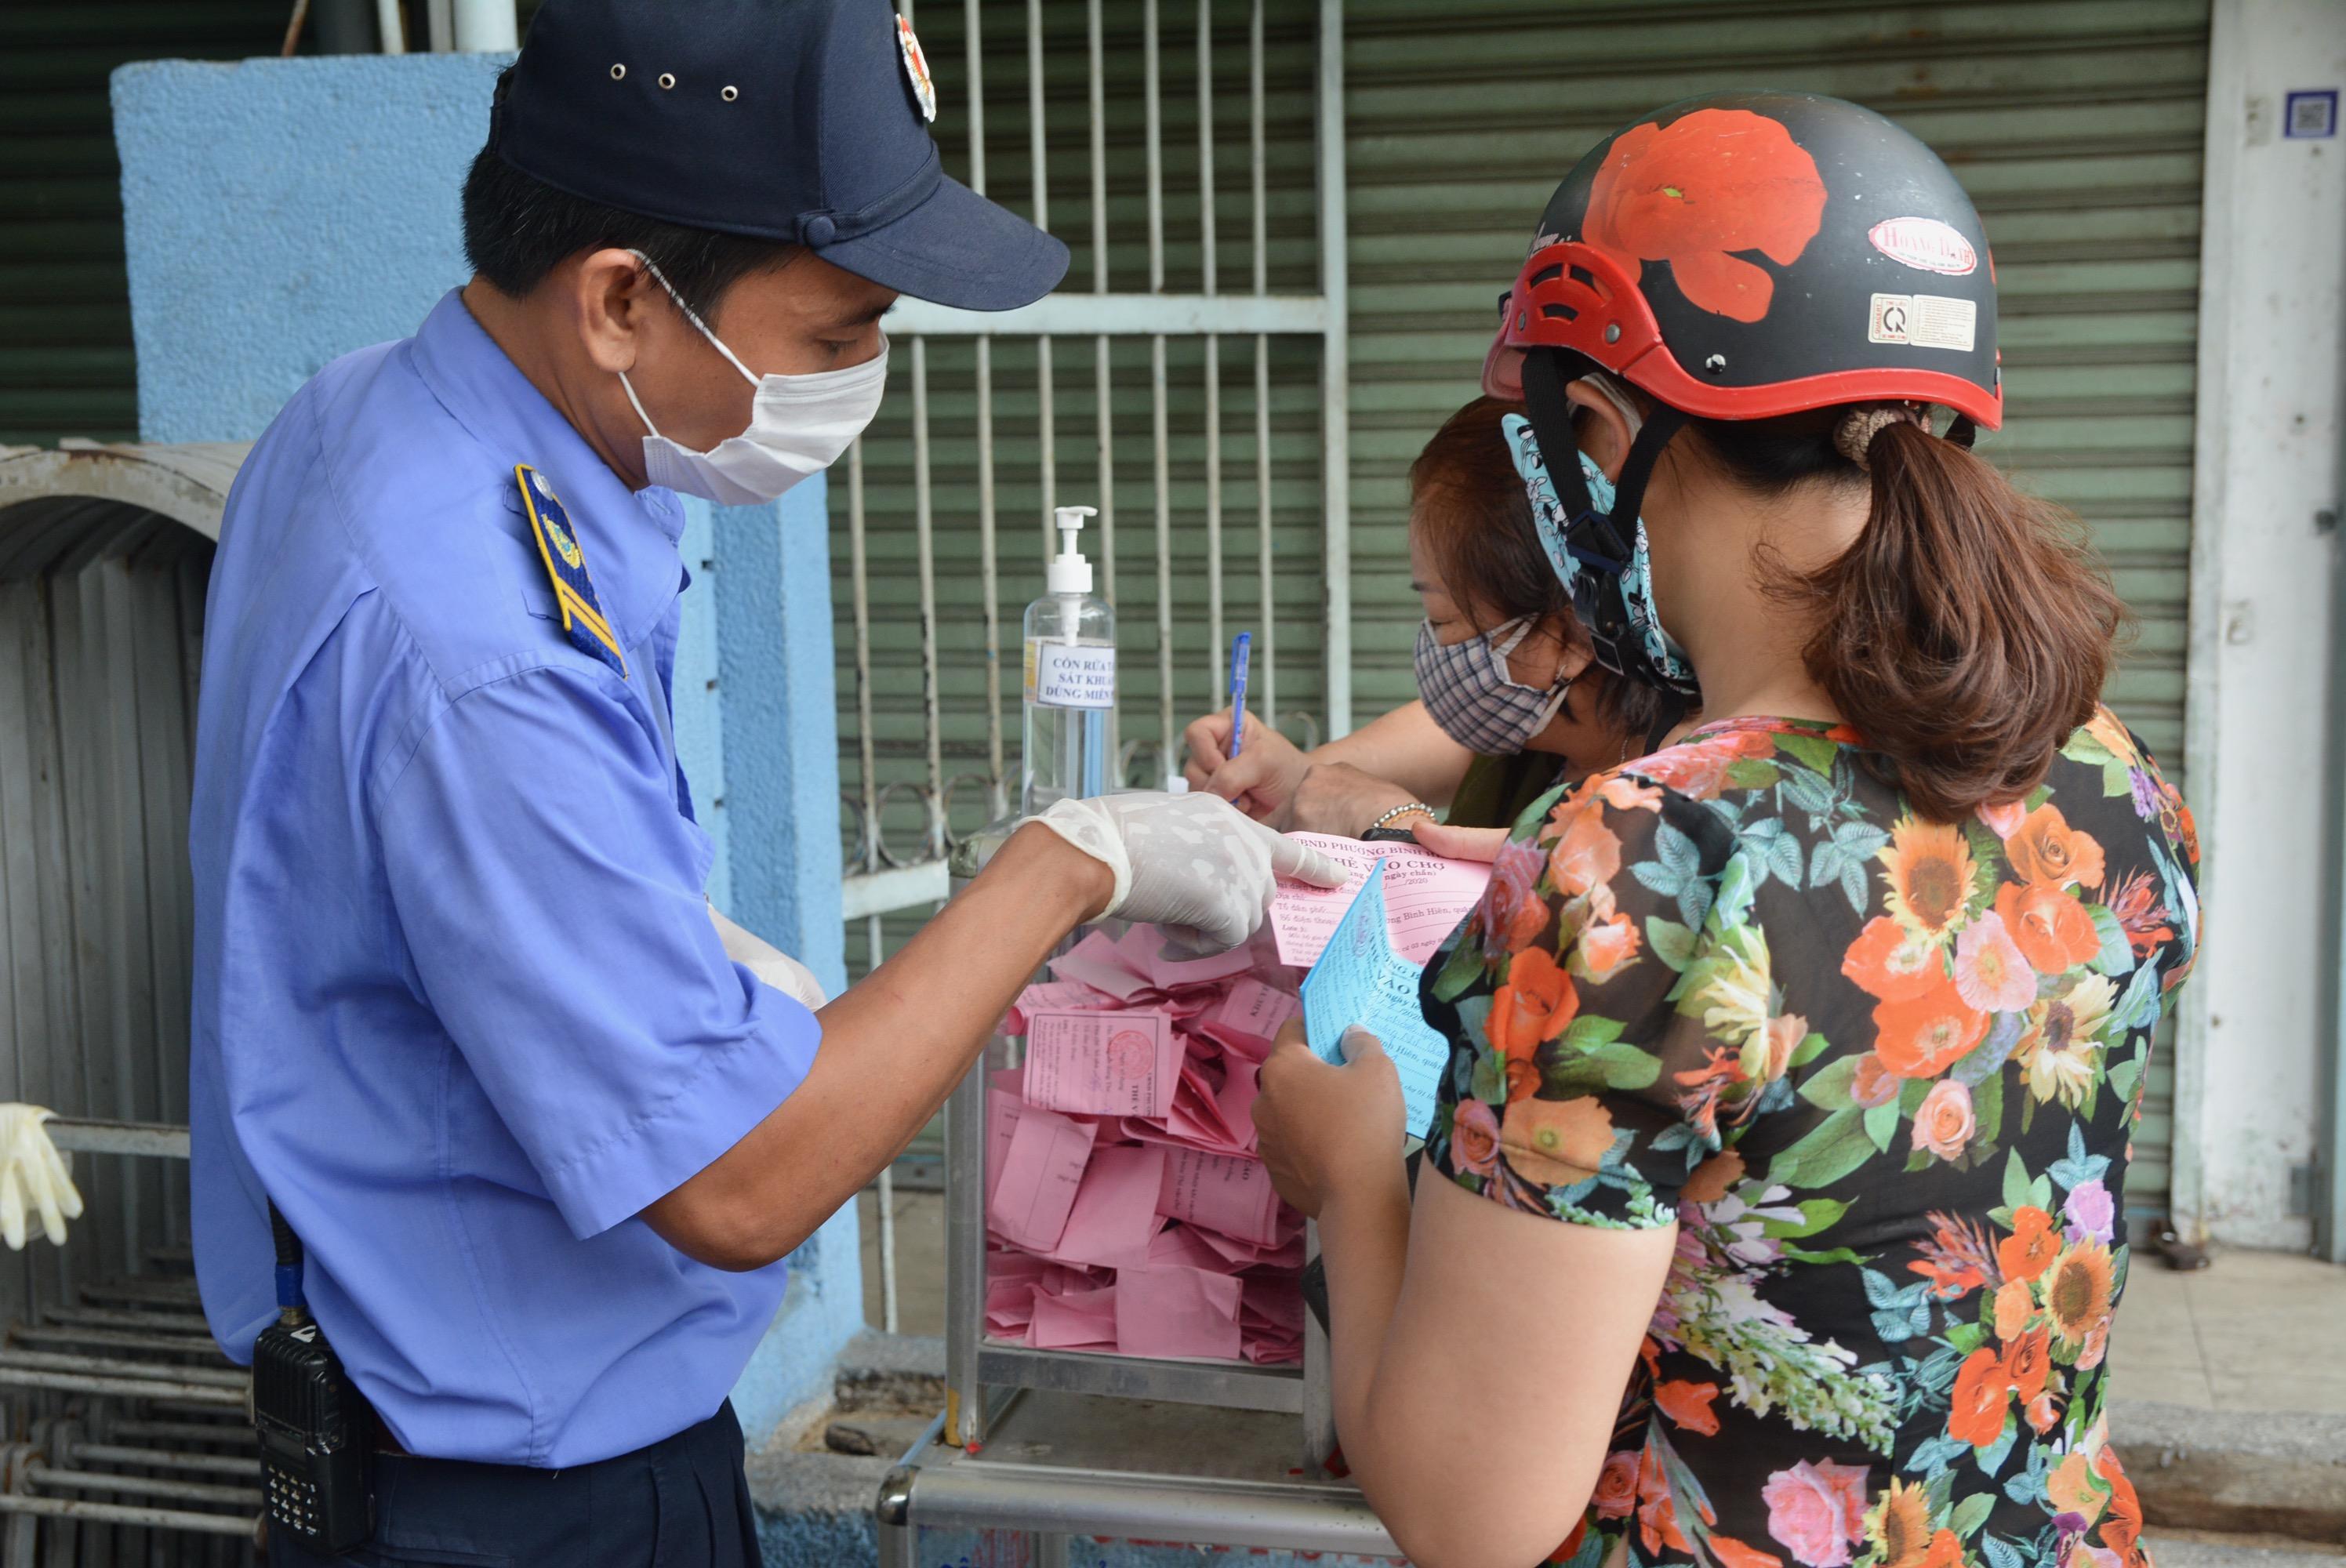 Cận cảnh lần đầu người dân Đà Nẵng dùng thẻ đi chợ - Ảnh 6.